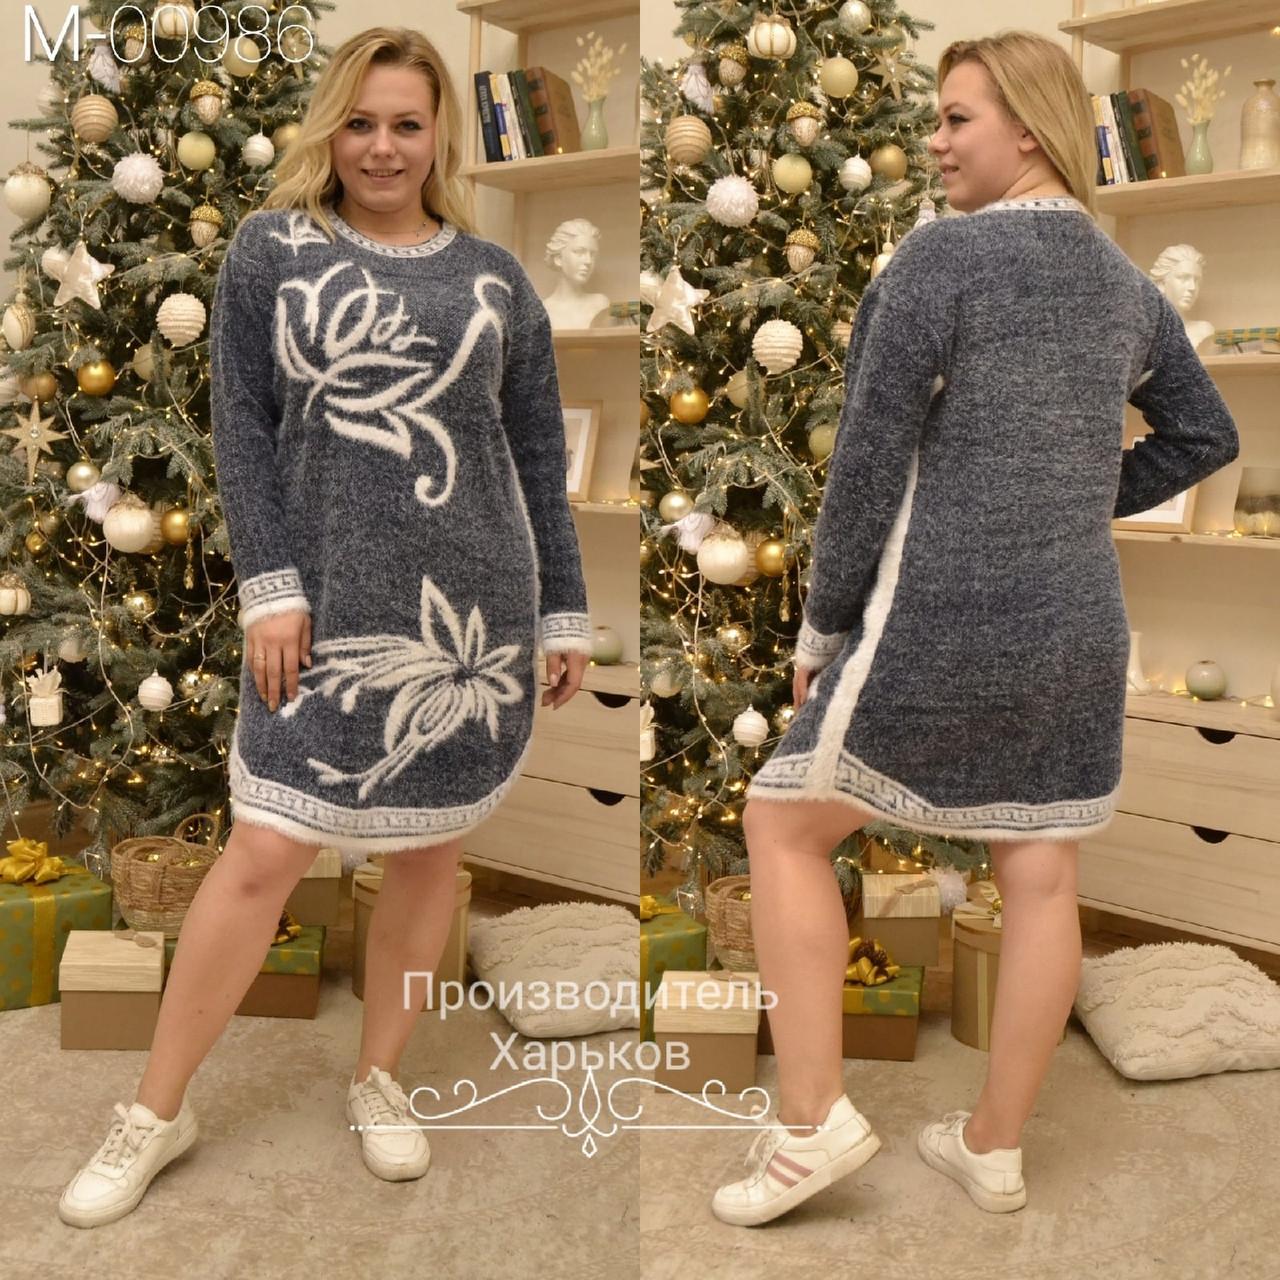 Мягкое, теплое платье  размеры: универсальный 52-58